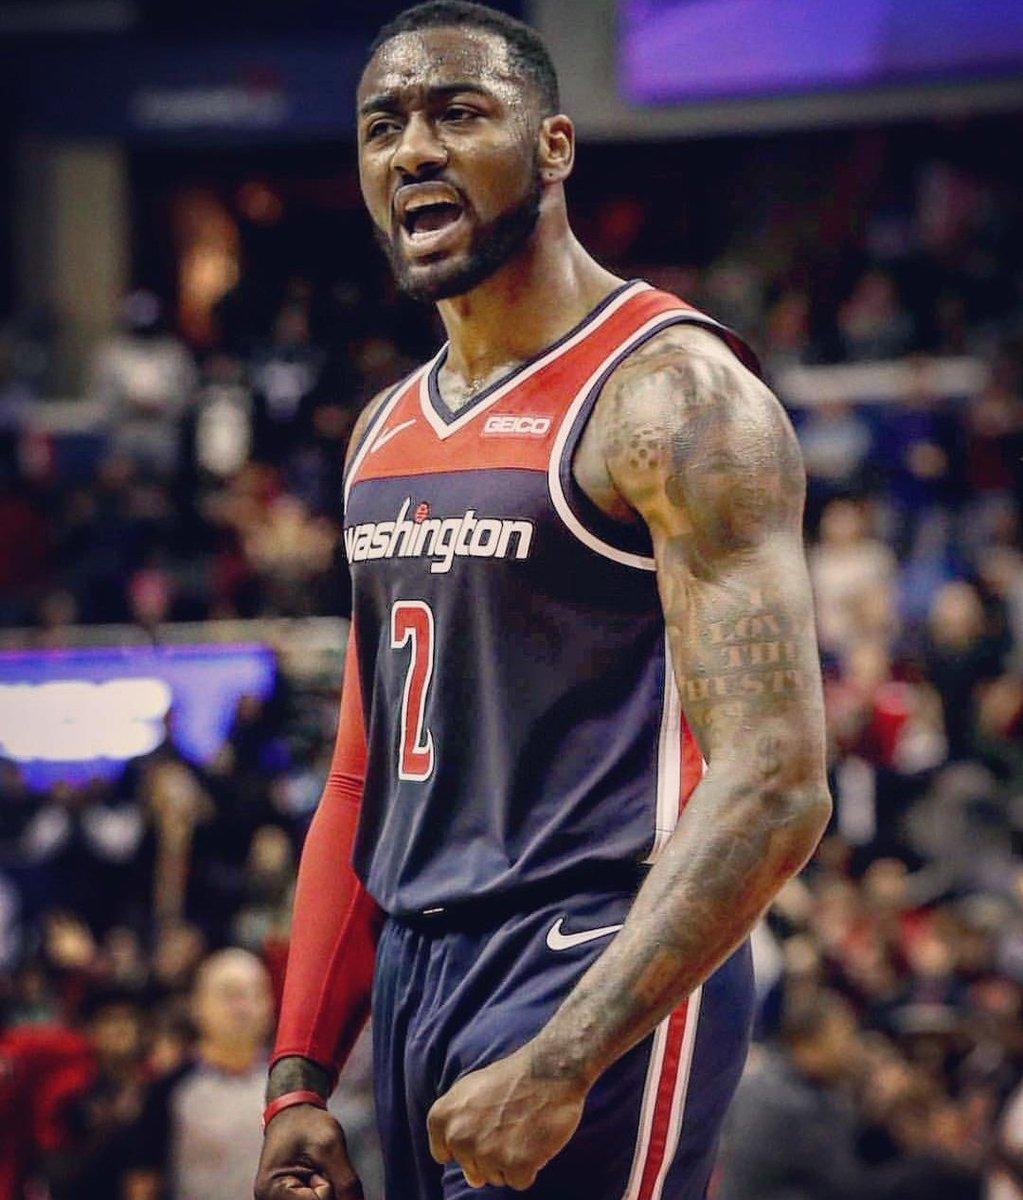 Wall mostró la mejor versión de All Star con un doble-doble de 40 puntos y 14 asistencias que permitieron a los Wizards ganar por 128-110 a los Lakers